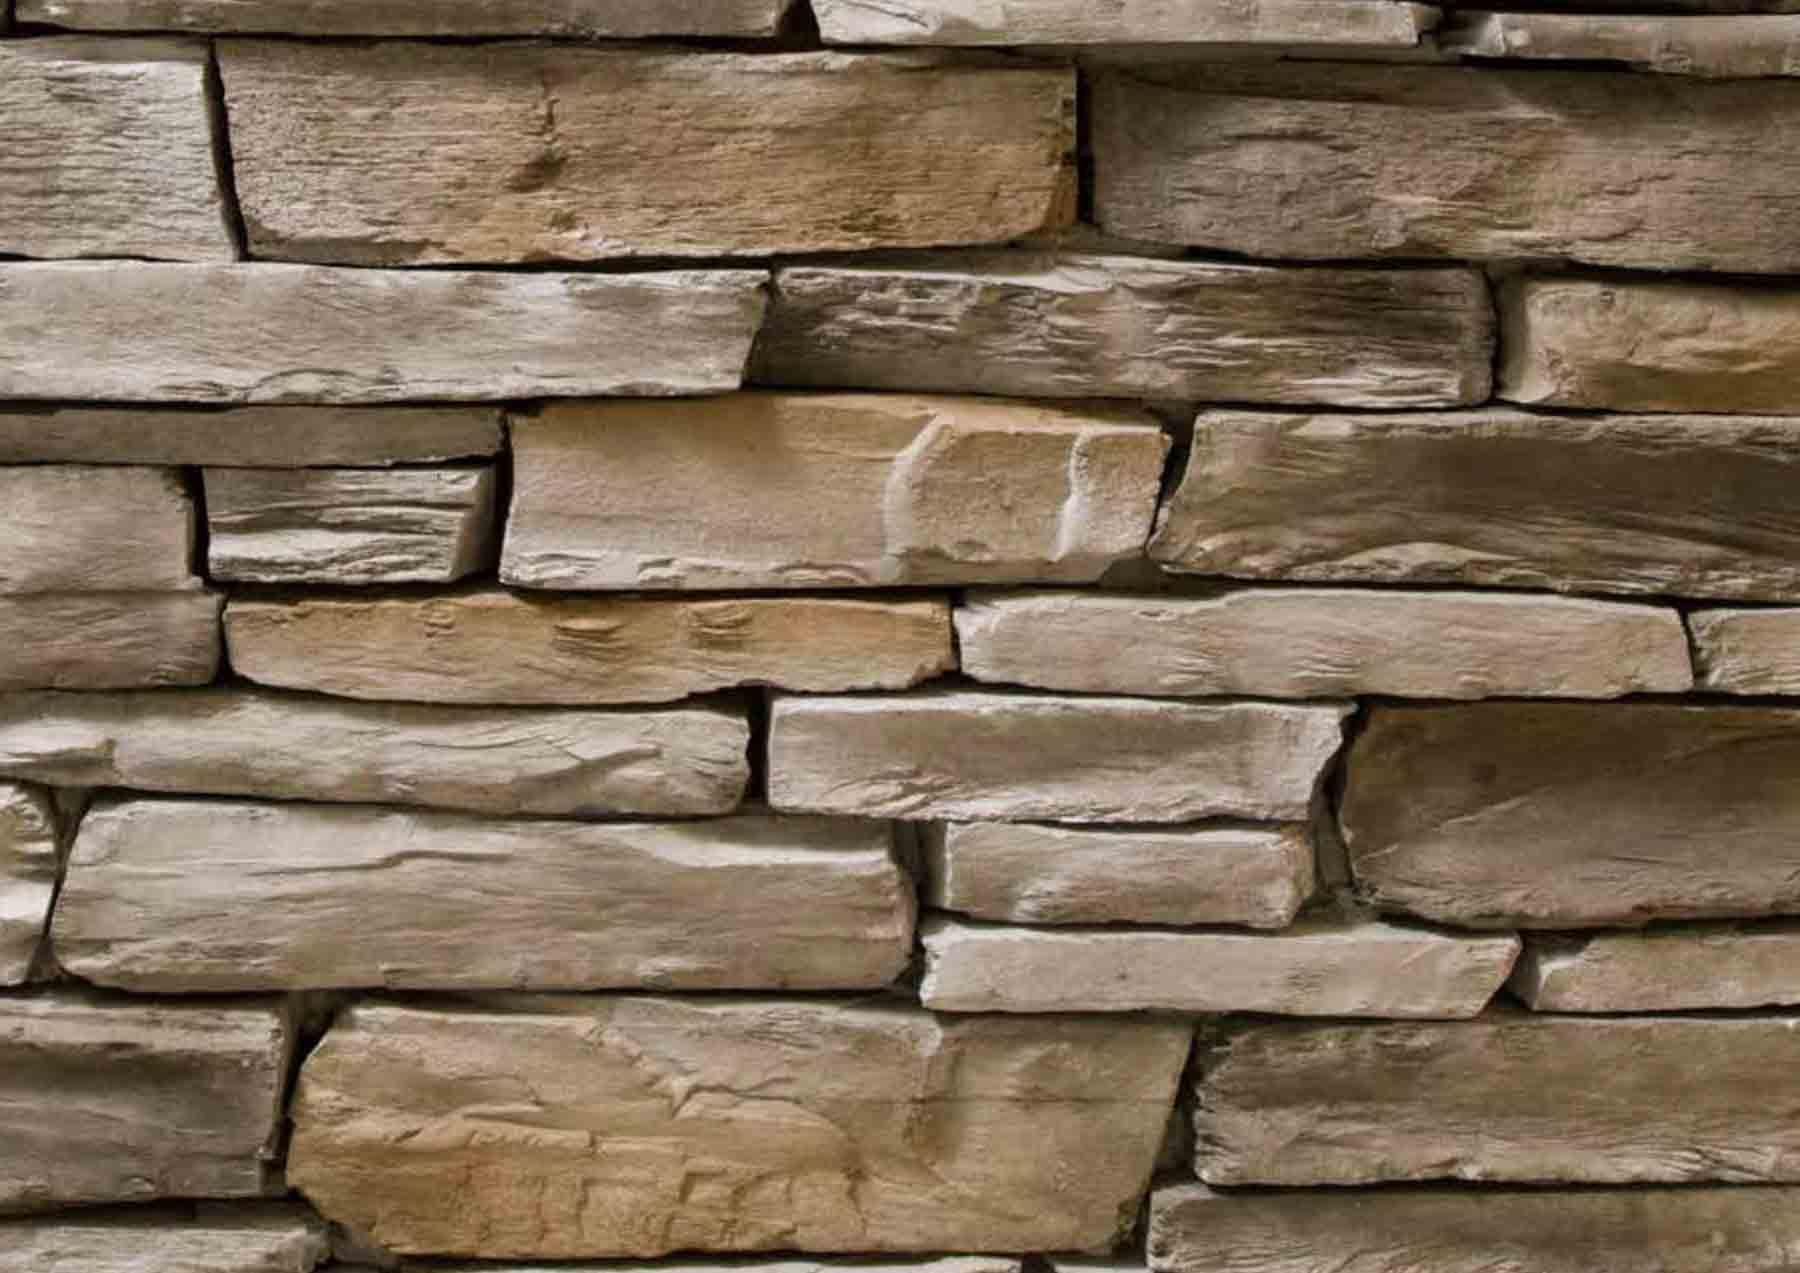 Mur en pierre reconstituée pietre d'arredo olkaria